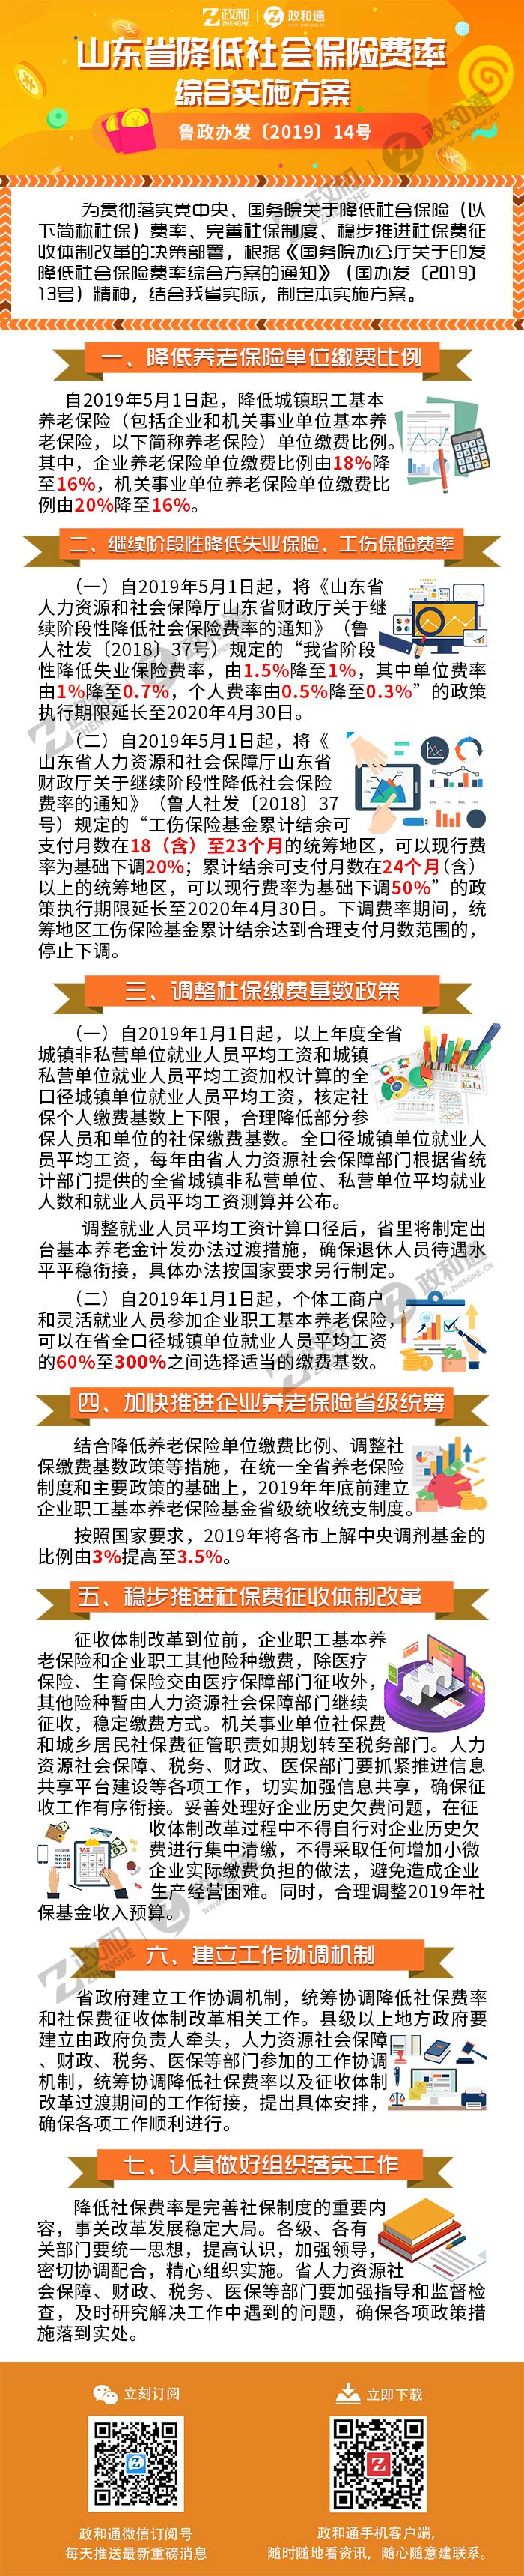 政和通 关于印发山东省降低社会保险费率综合实施方案的通知.jpg